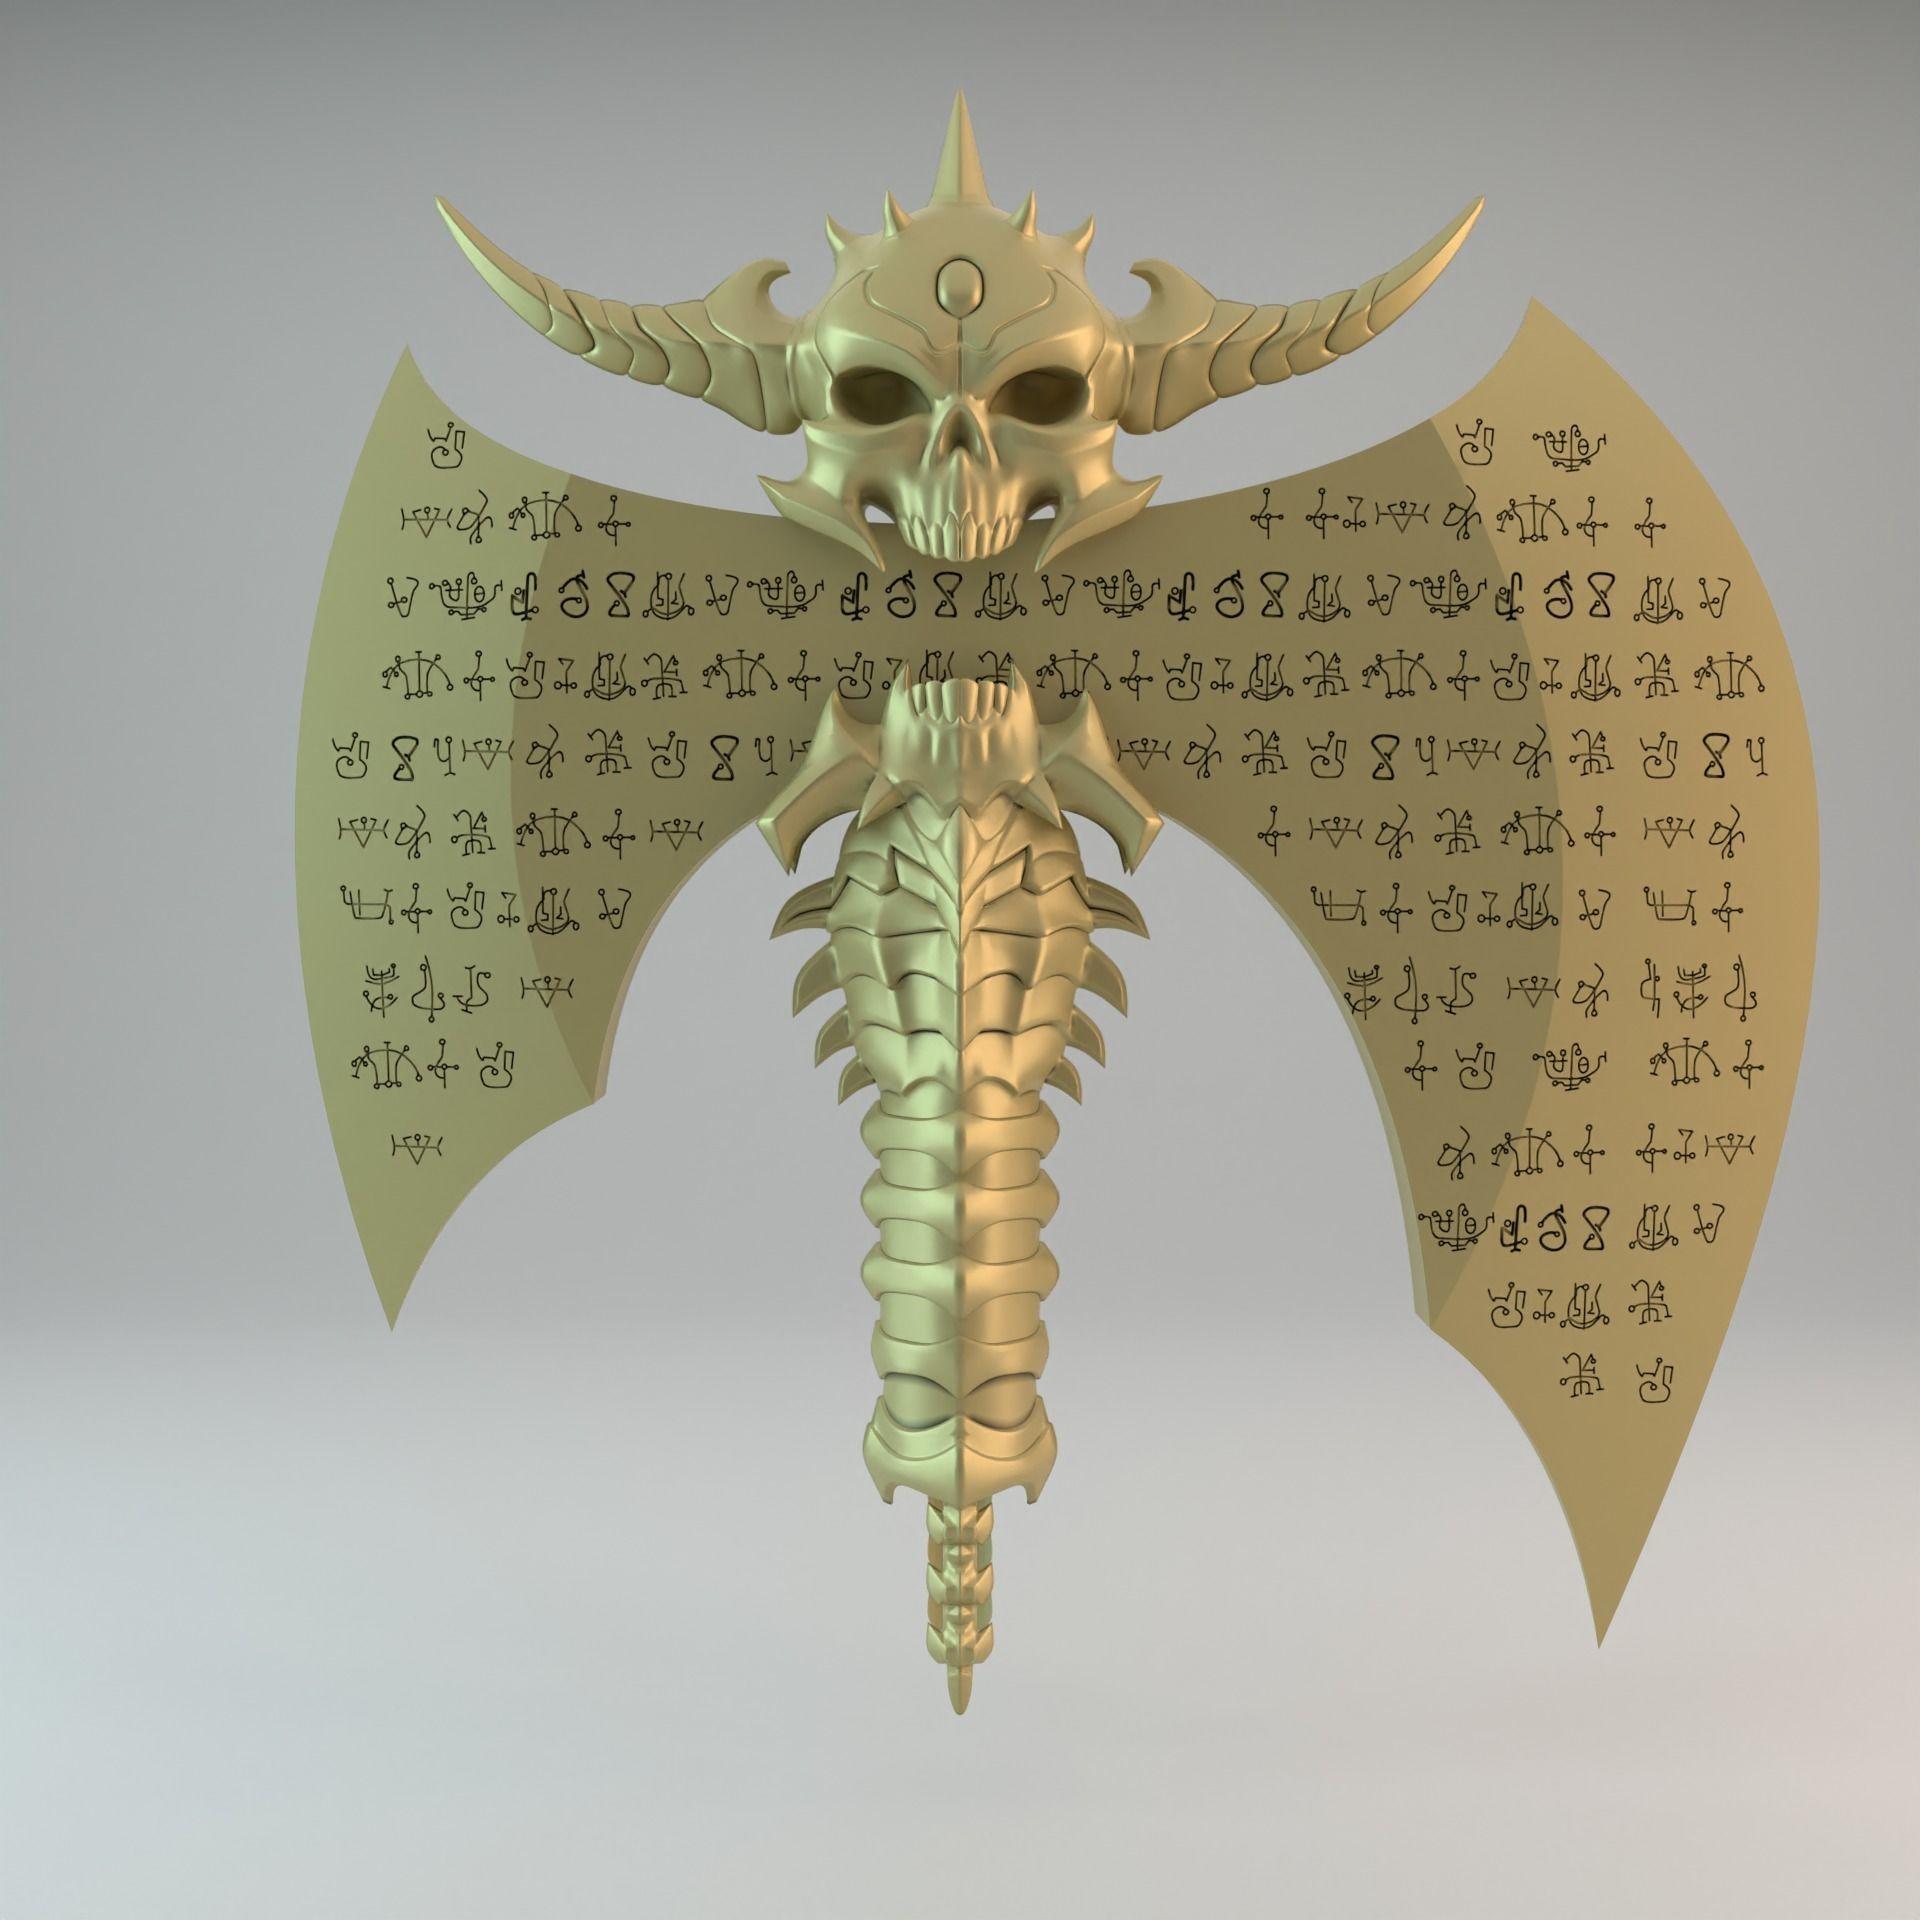 The Marauder Axe Doom Eternal